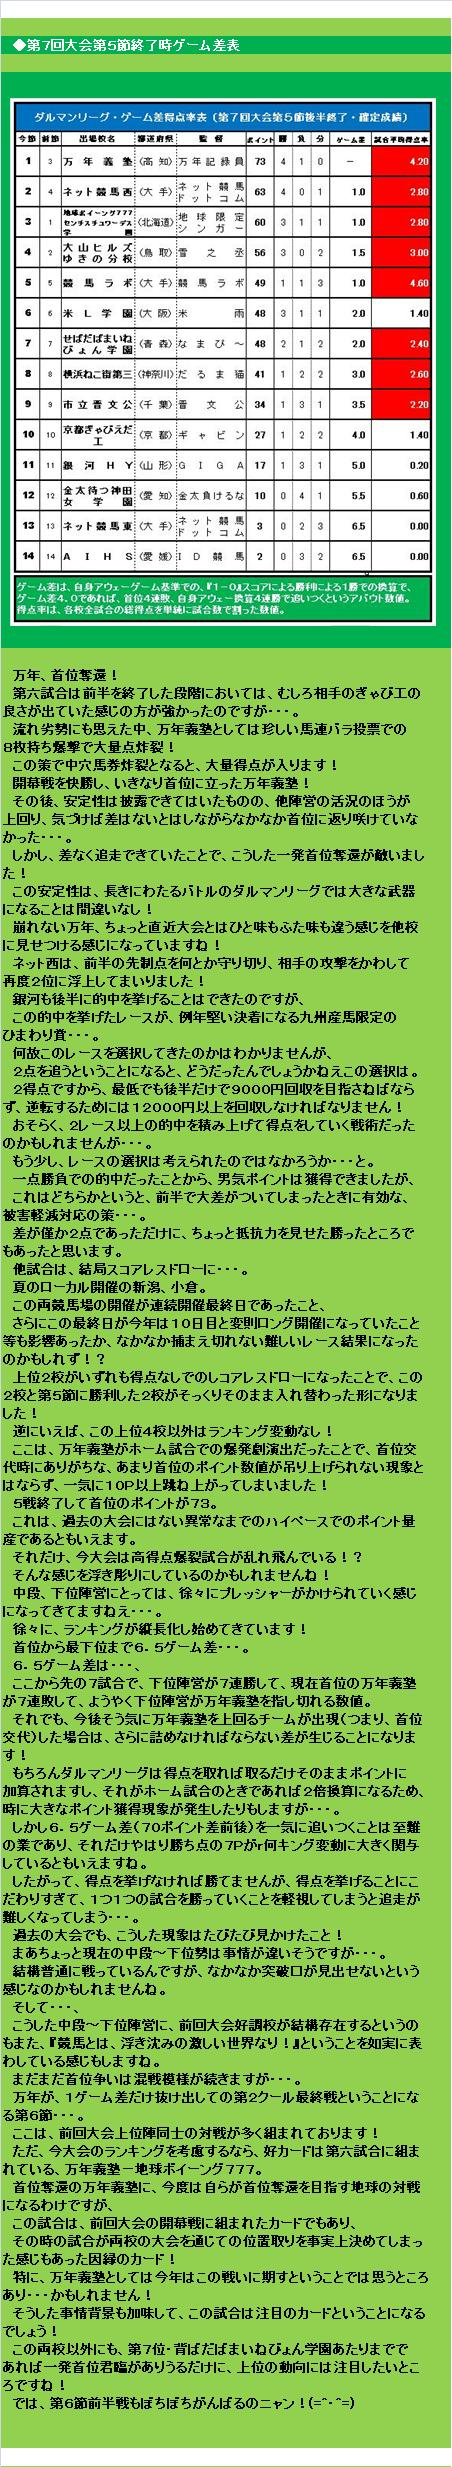 20150912・ダルマンリーグ第5節後半終了結果③.jpg